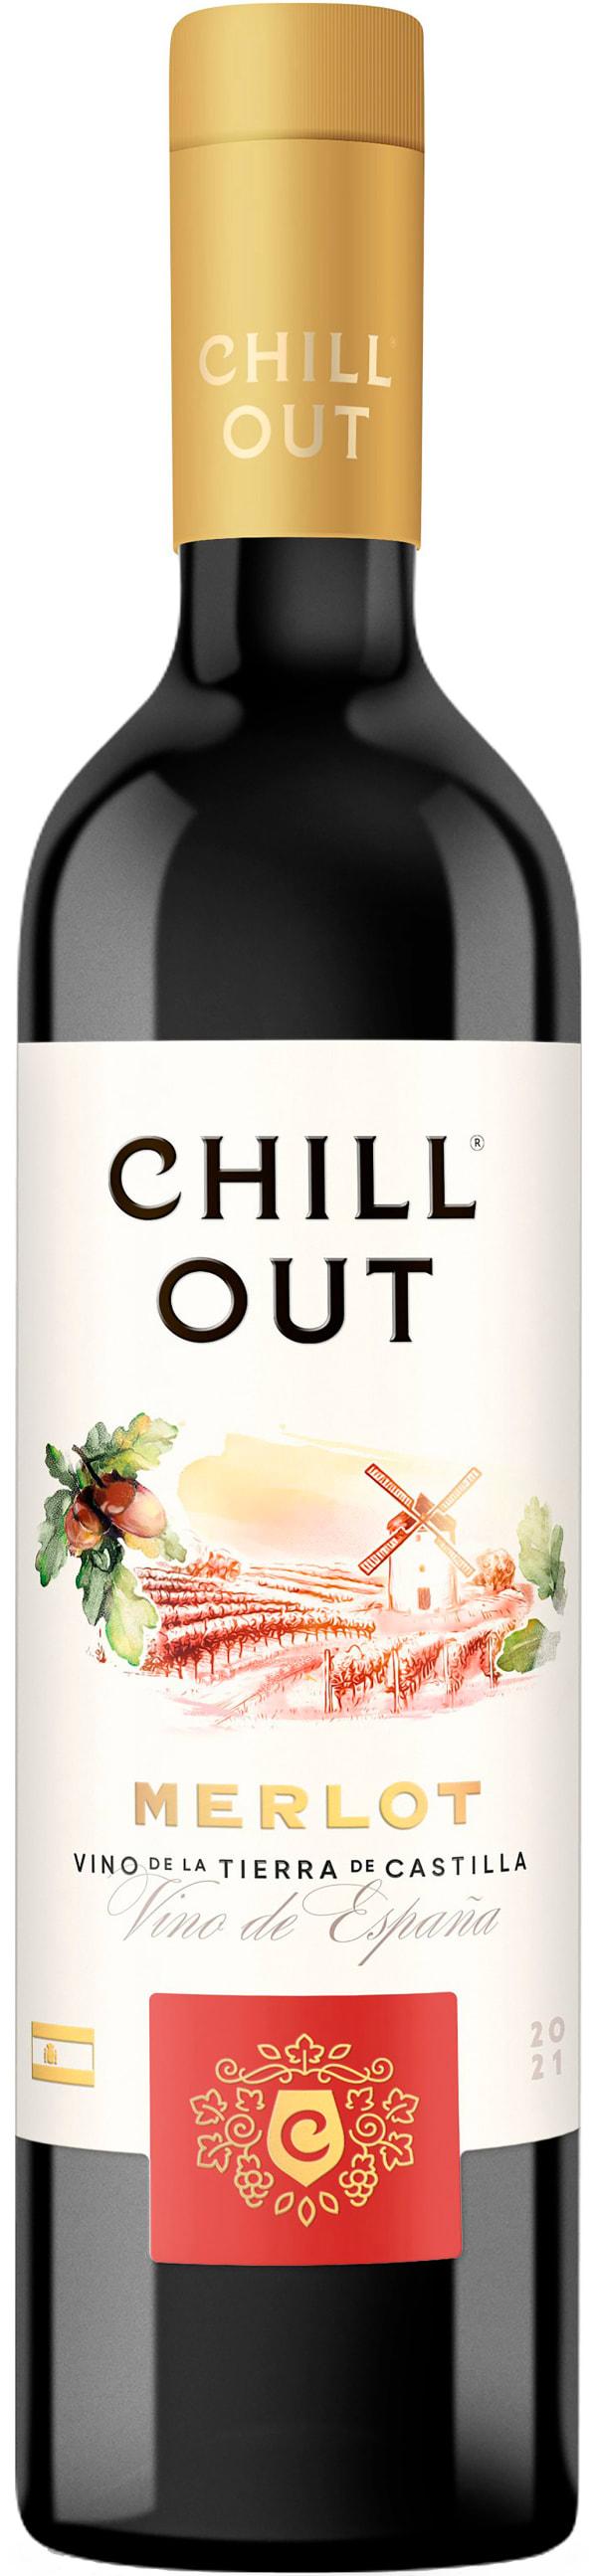 Chill Out Merlot Spain  2019 plastic bottle